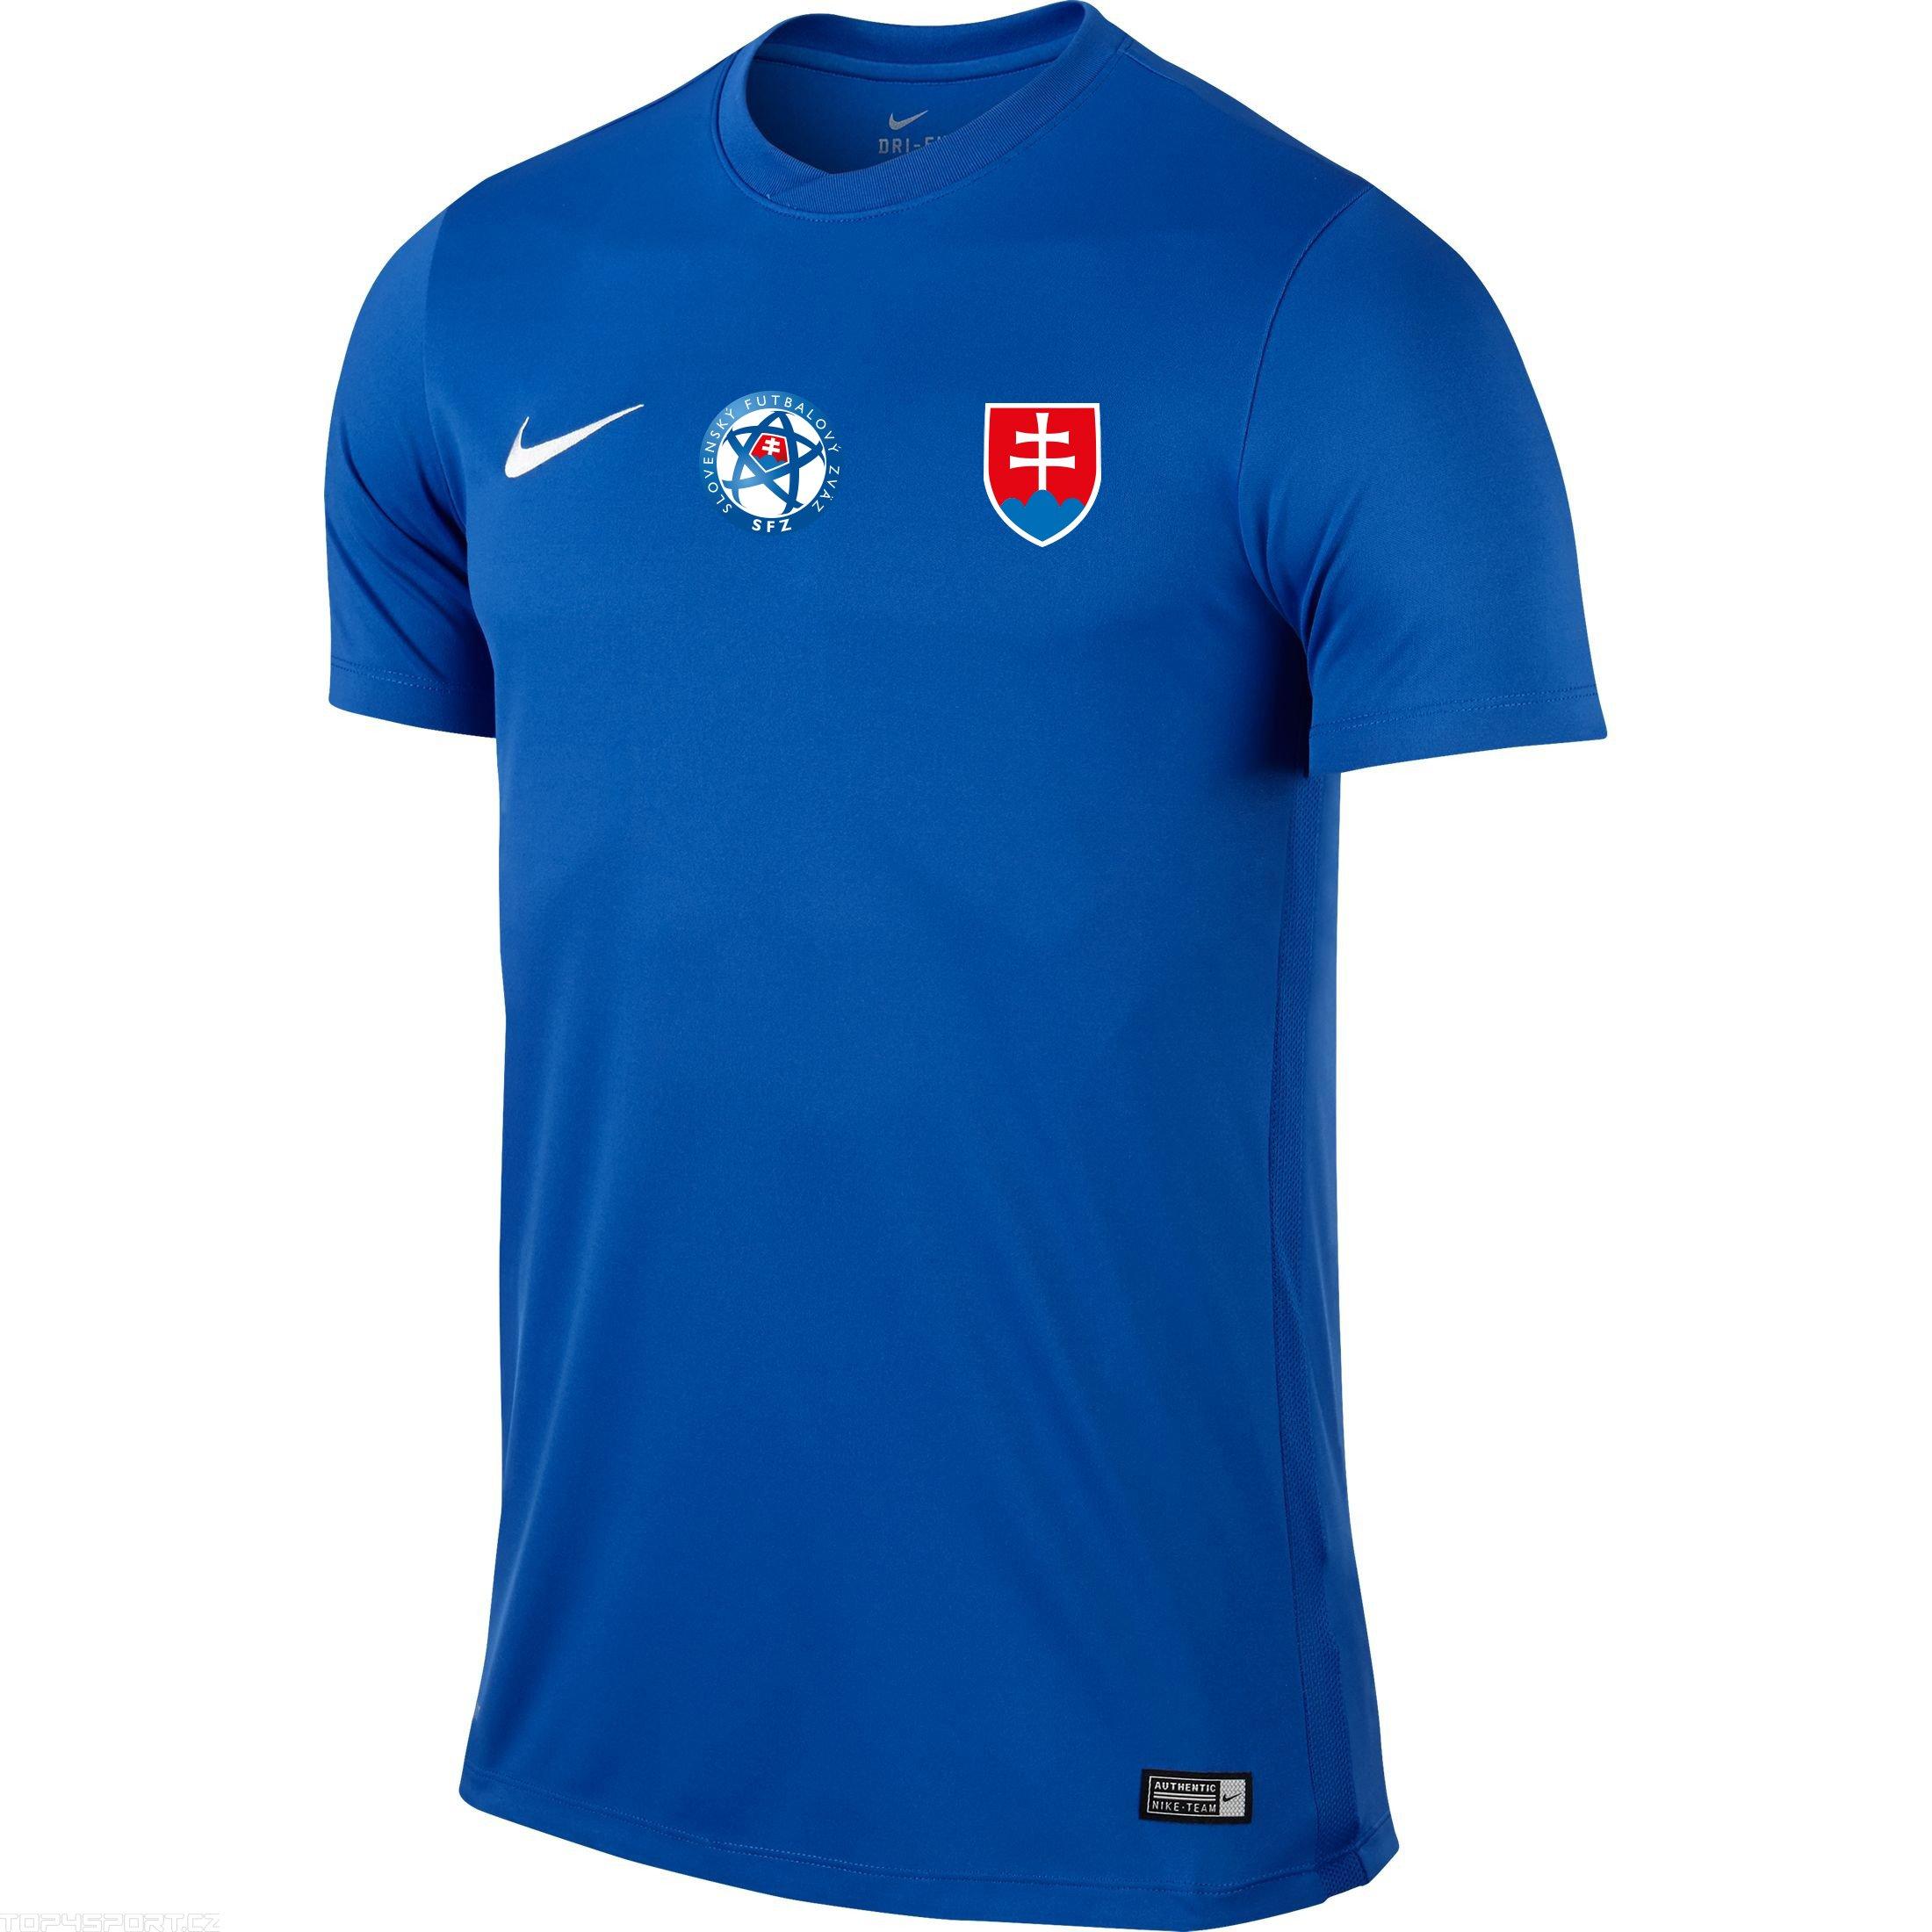 60315e7bc4198 Futbalový dres SVK modrý NIKE replika + meno a číslo - Fanshop SB